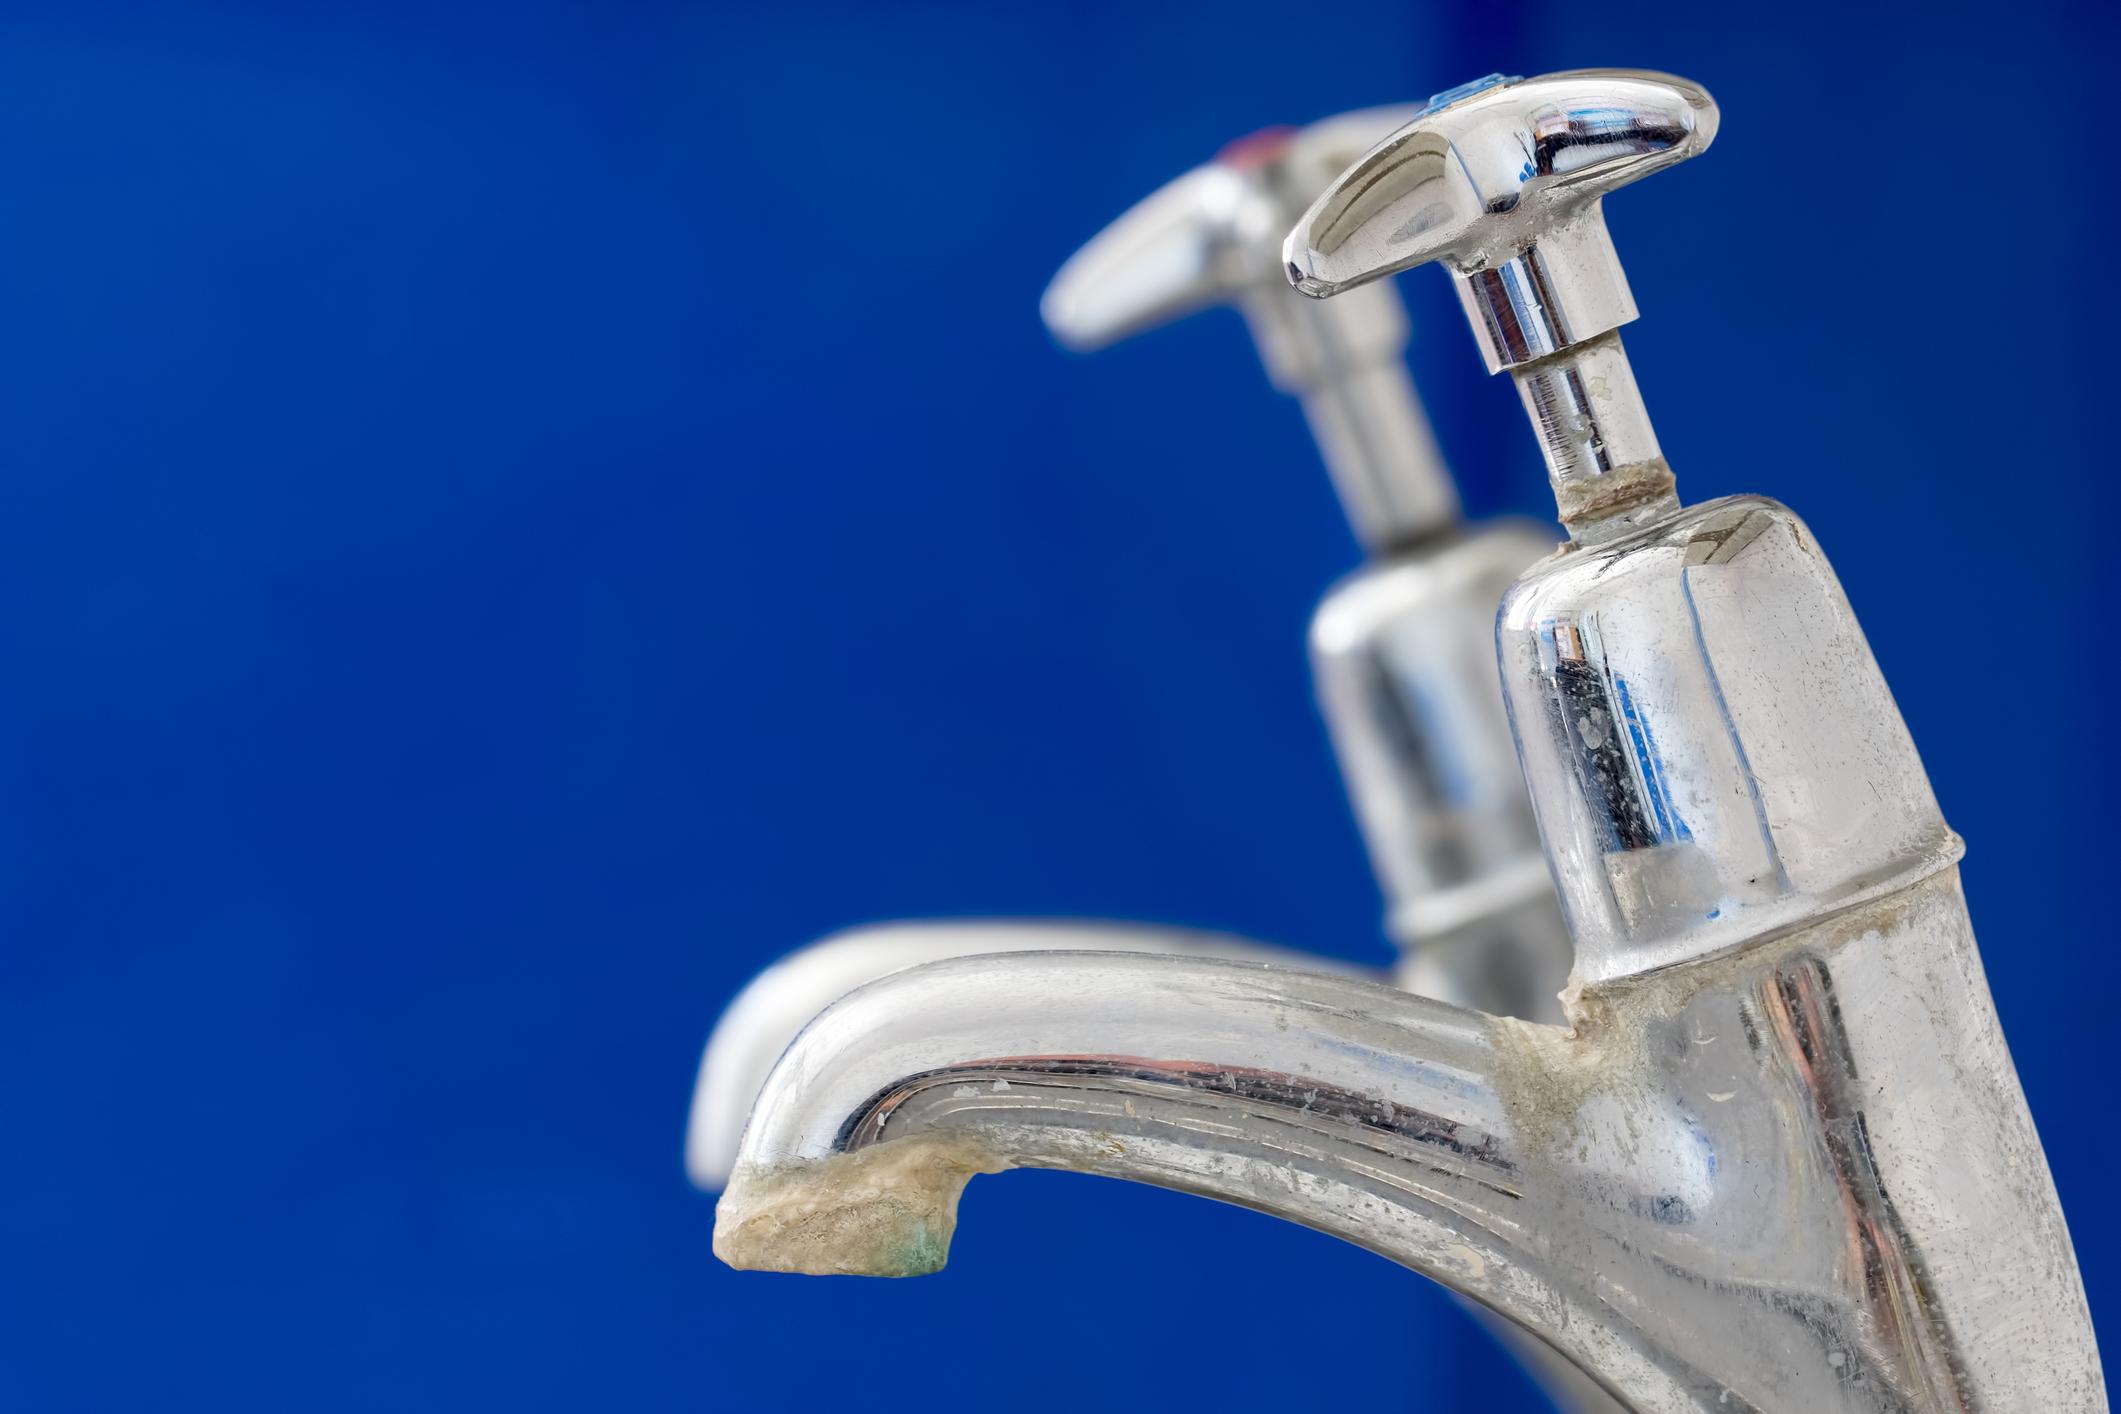 Limescale faucet